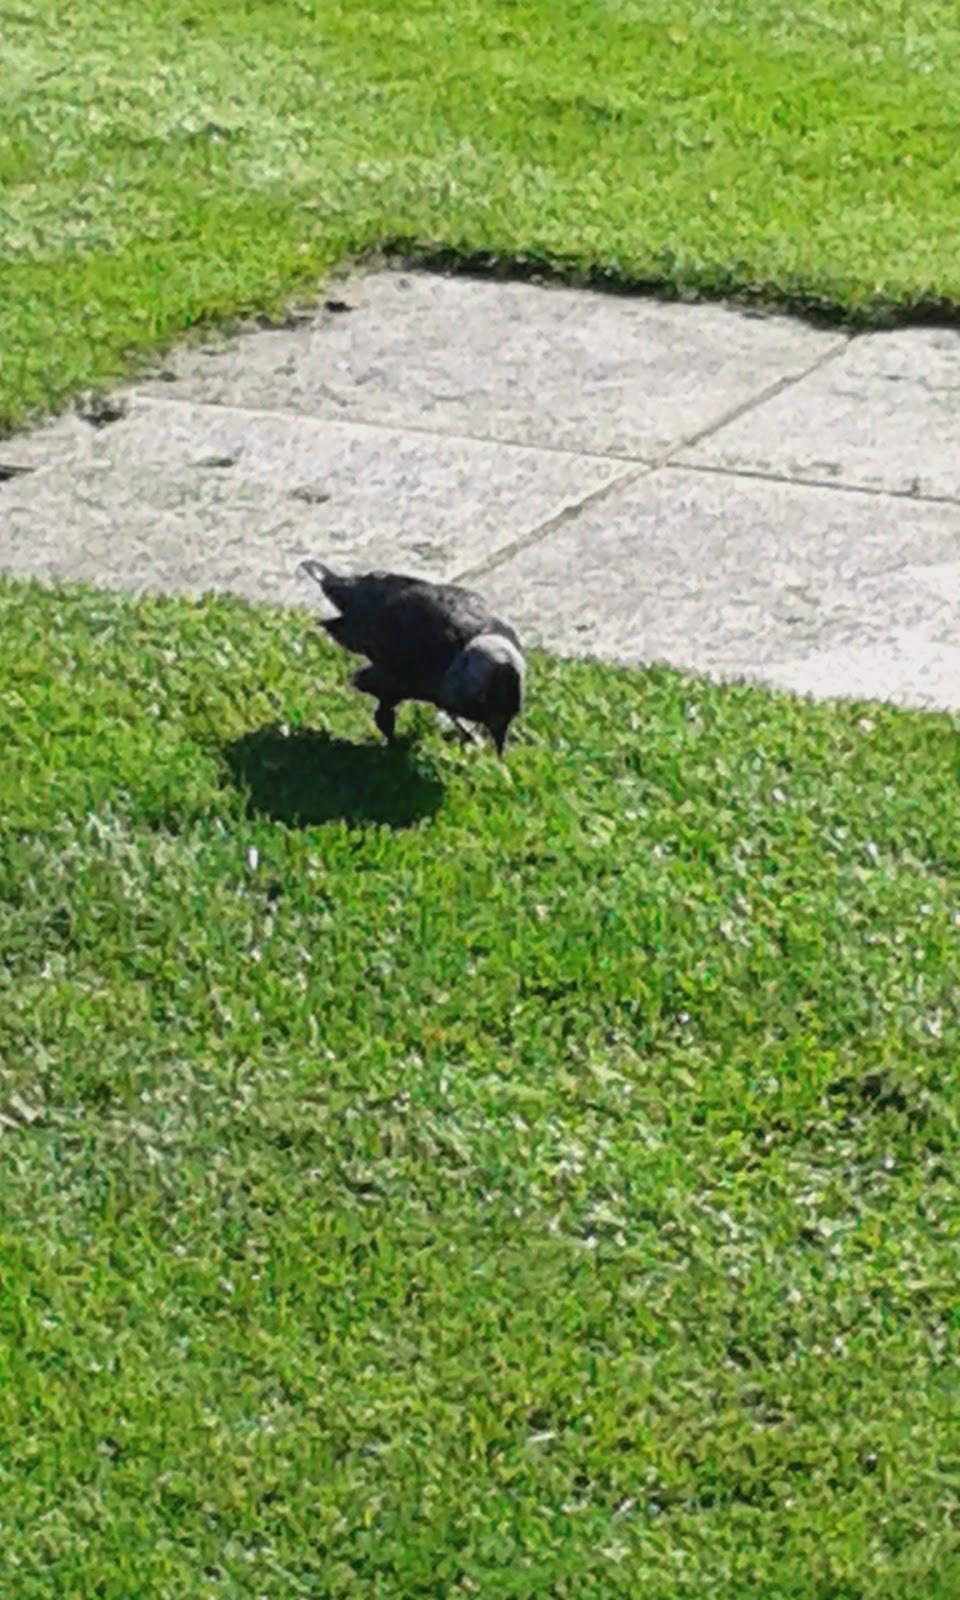 Μεγάλο λεία αναπηδά στο μεγάλο πουλί